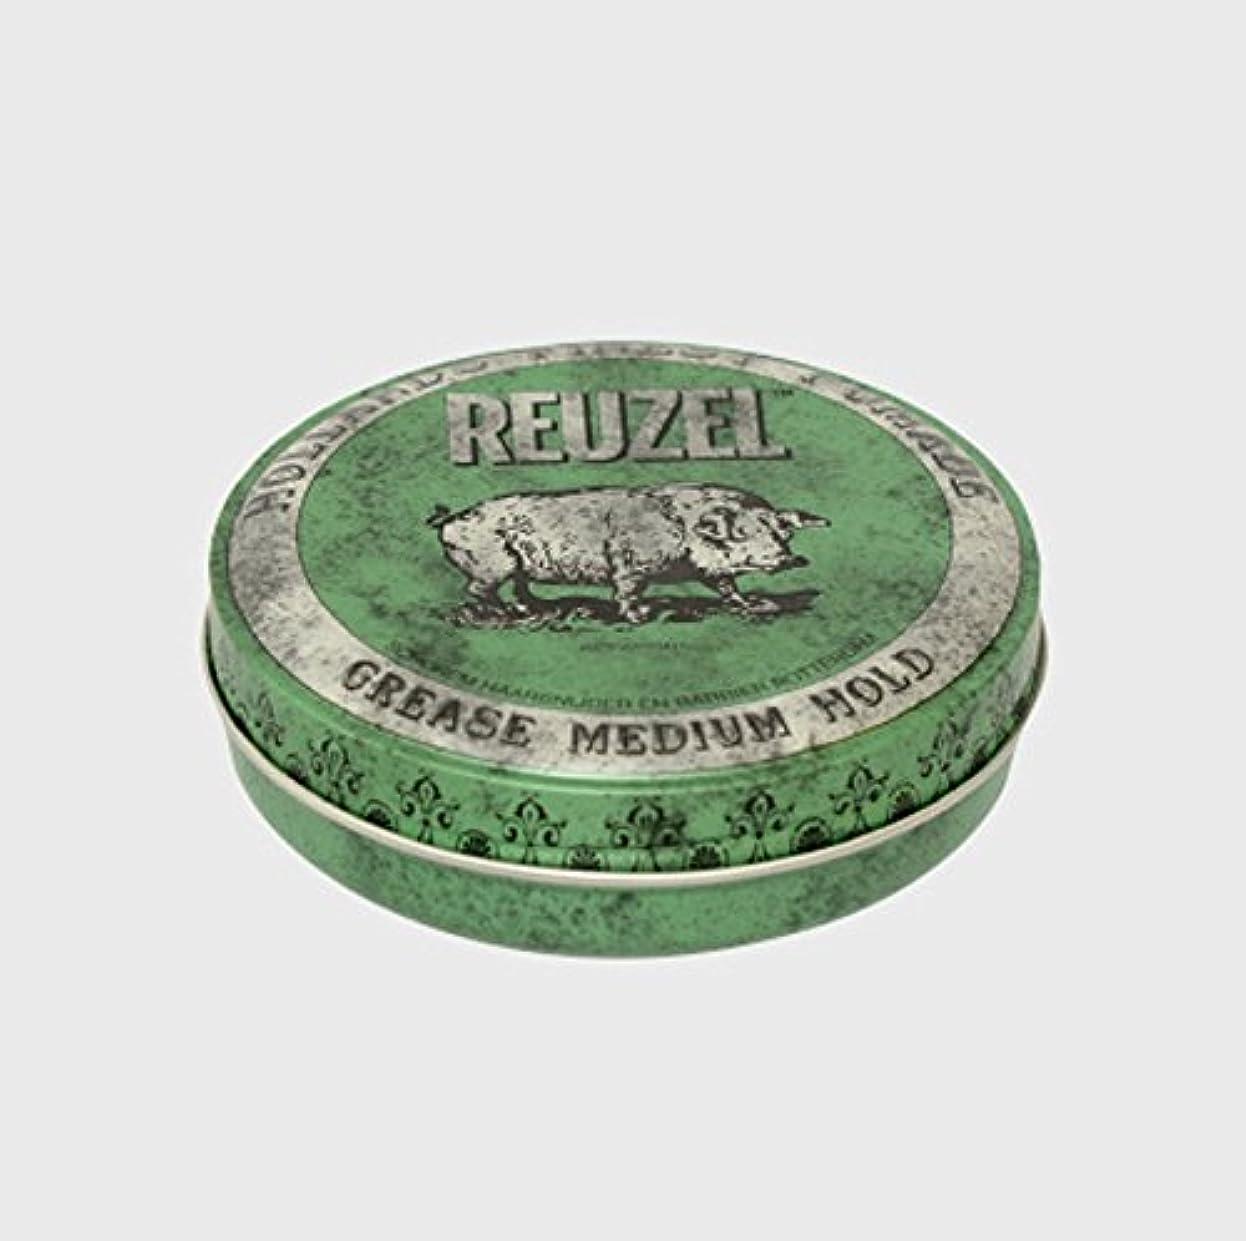 はっきりと穿孔するベッドルーゾー ポマード ミディアムホールド グリーン Large(340g)